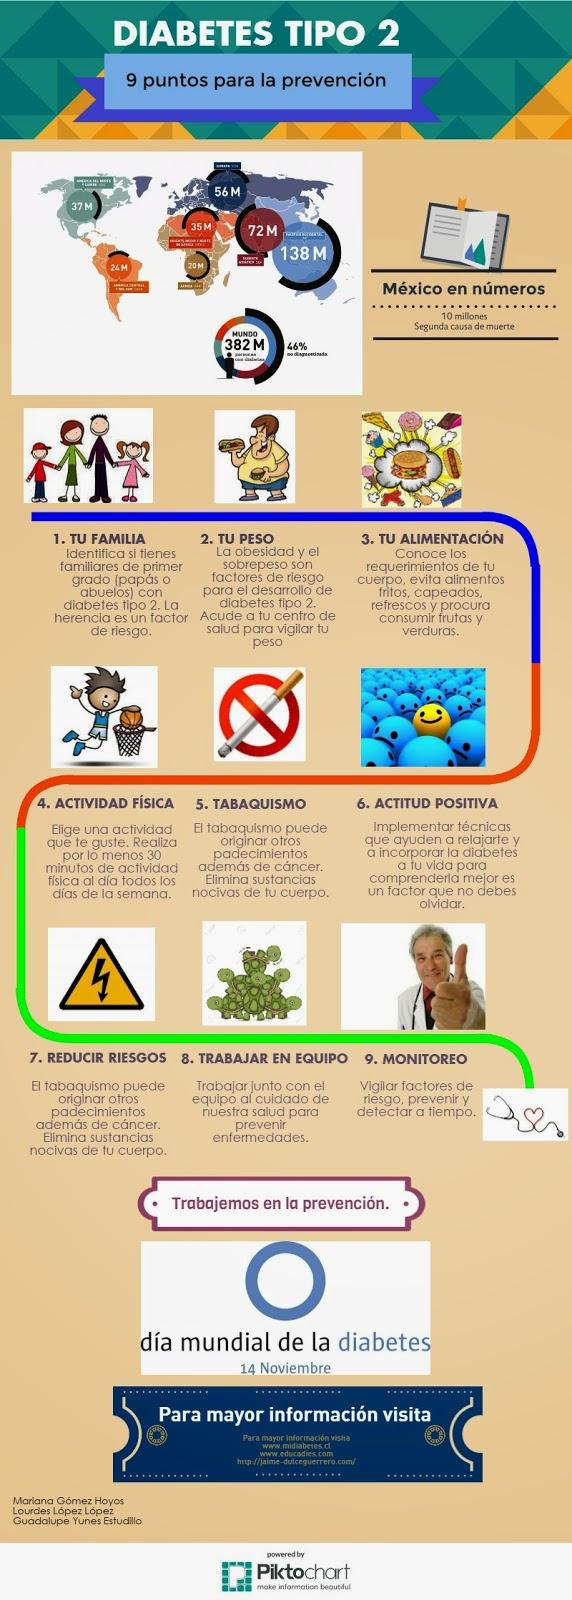 Hoy para ustedes: el uso de las redes sociales y las infografías en la prevención